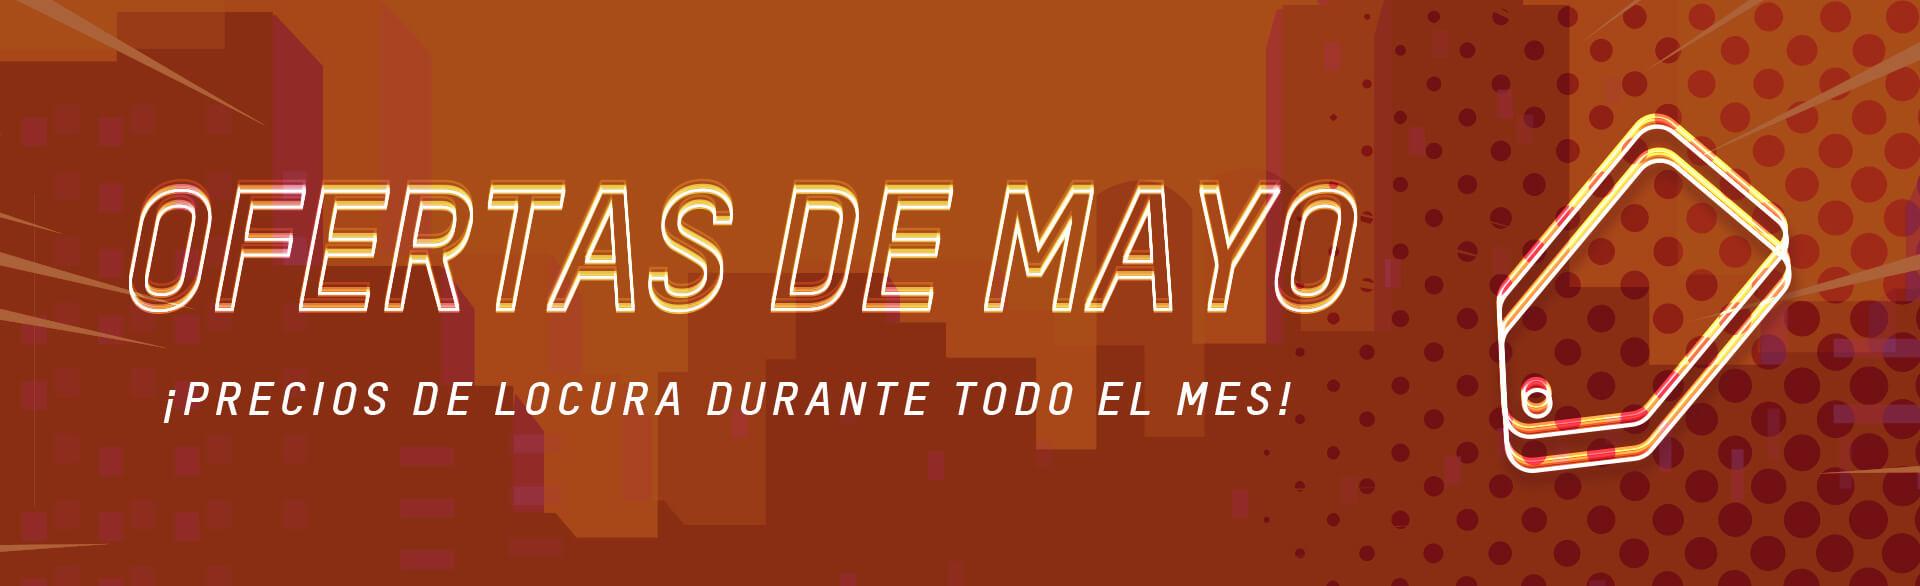 Ofertas de mayo: ¡precios de locura durante todo el mes!